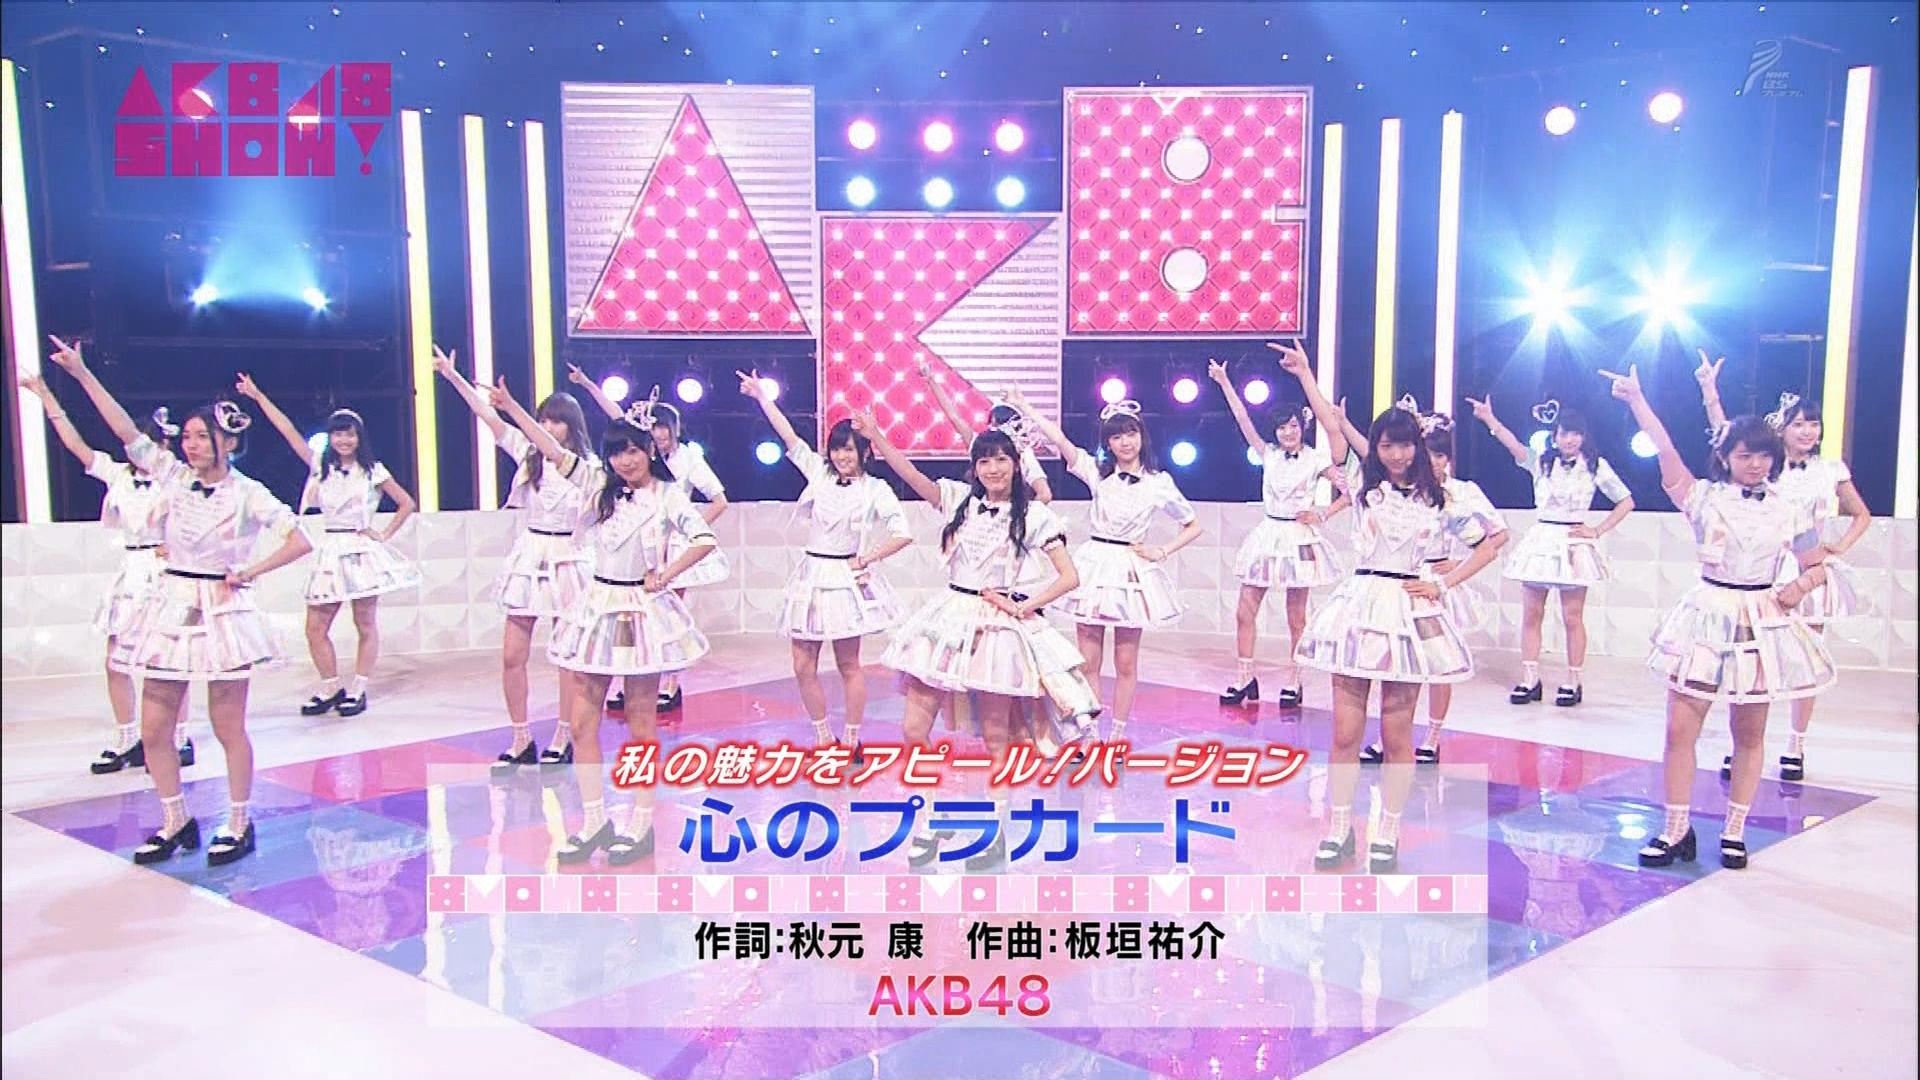 AKB48SHOW 心のプラカード 渡辺麻友 20140830 (8)